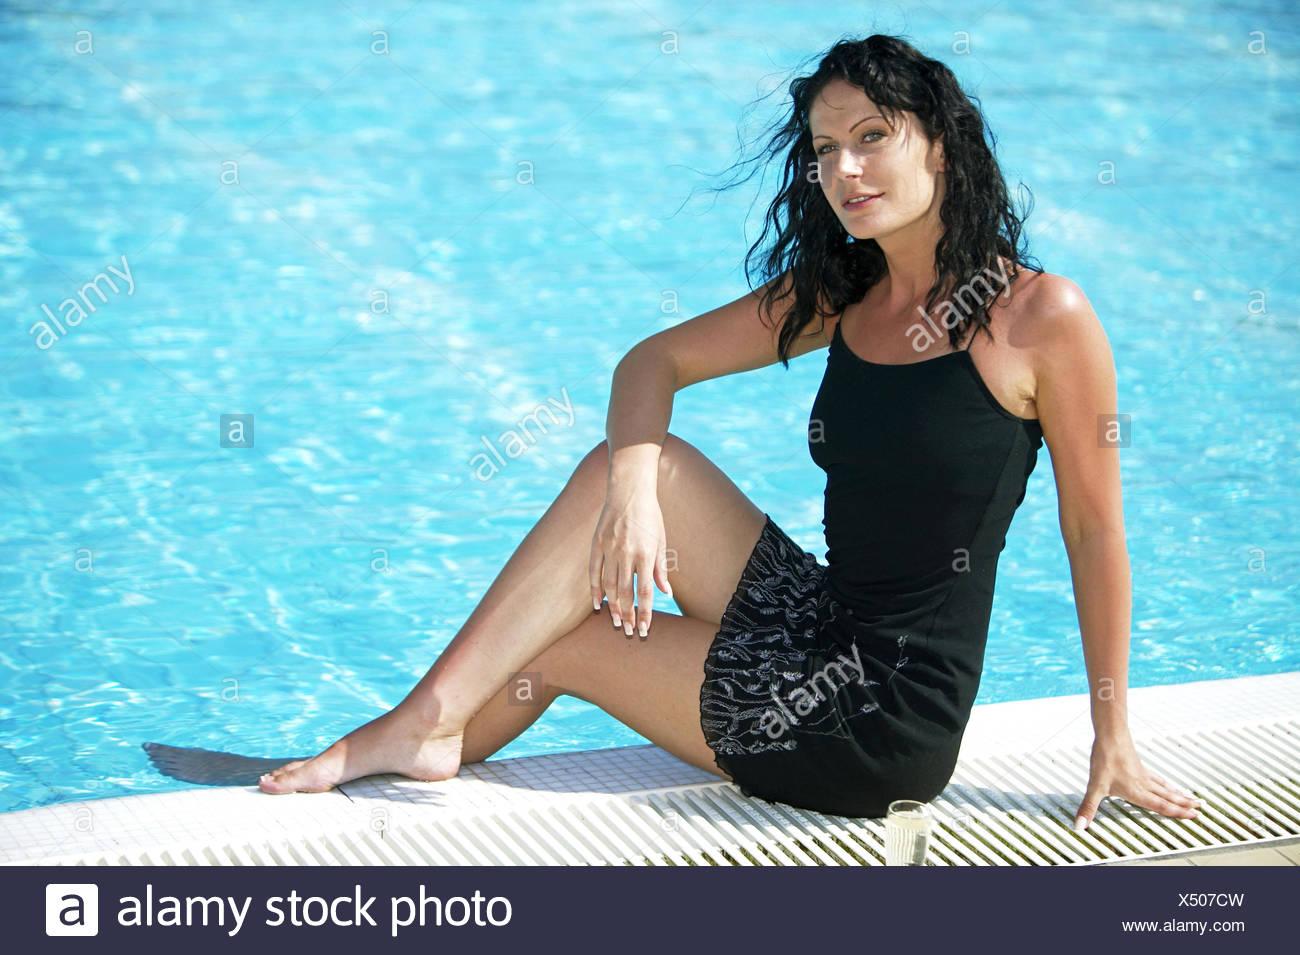 Frau Schwarzhaarig Pool Beckenrand Sitzen Jung Kleid Sommerkleid Barfuss Entspannt Gluecklich Freude Swimmingpool Schwimmbecken - Stock Image